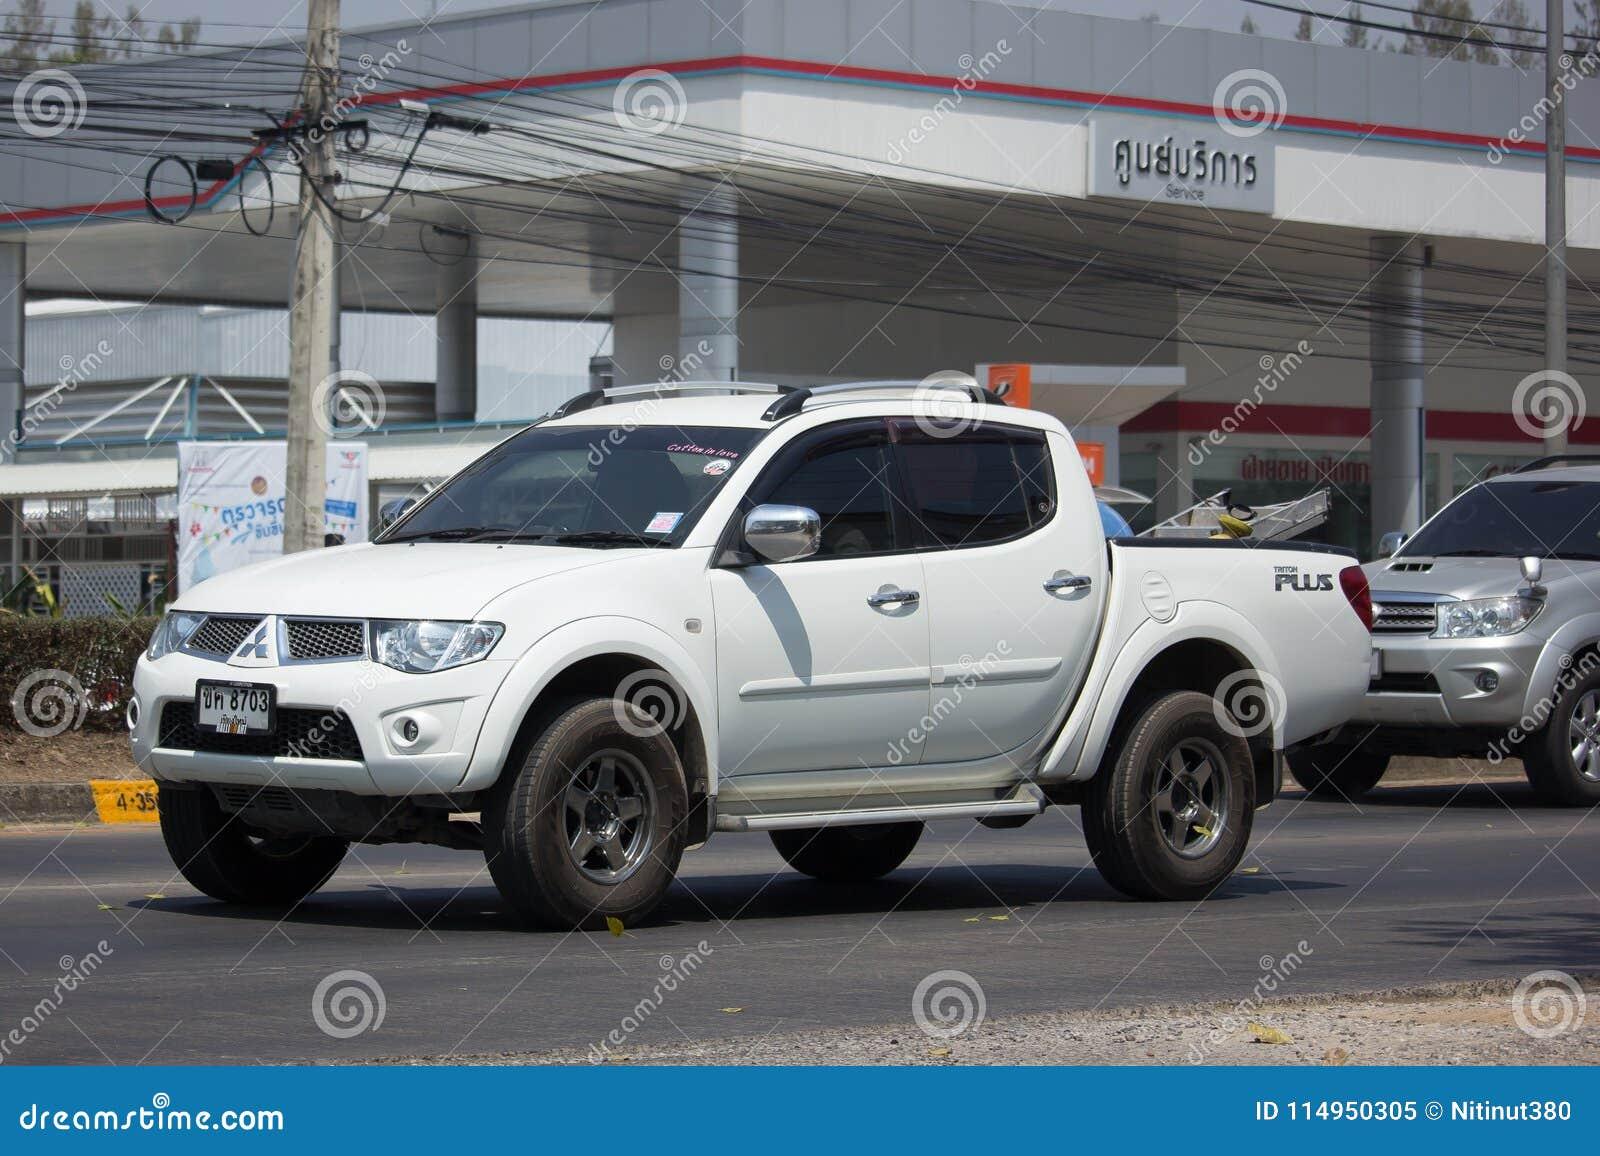 Private Car, Mitsubishi Triton Pickup Truck  Editorial Image